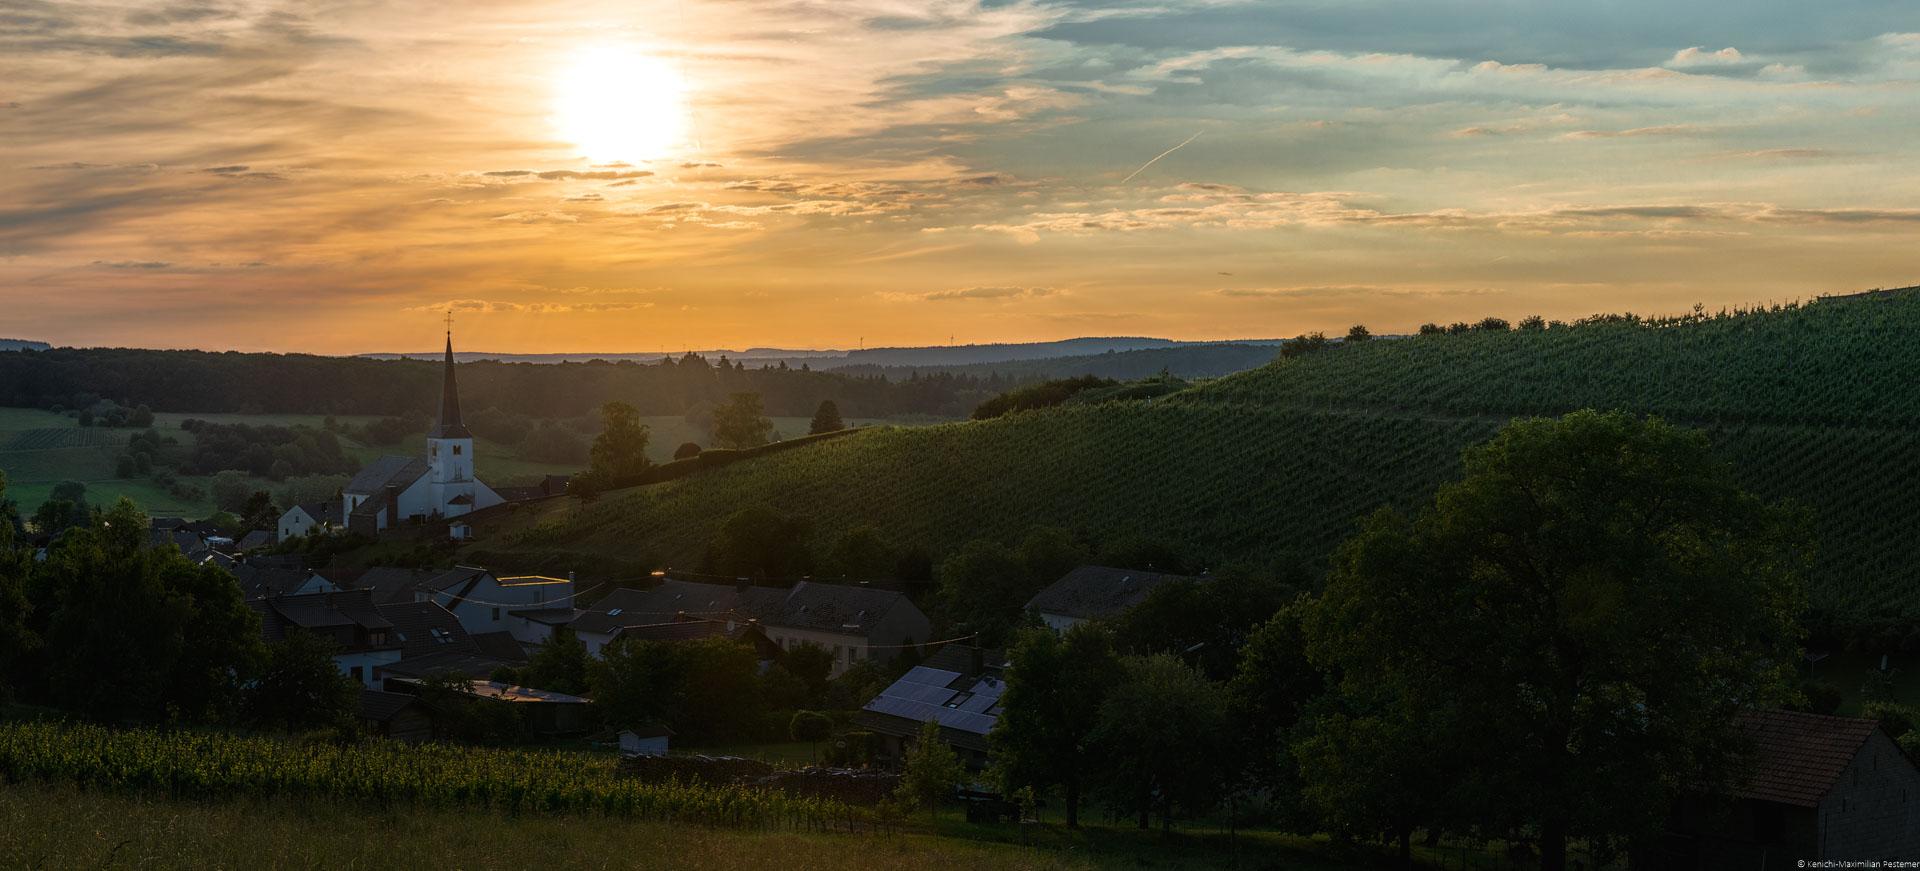 Sonnenuntergang über Krettnach am Weinberg Krettnacher Altenberg und über Ort Krettnach.